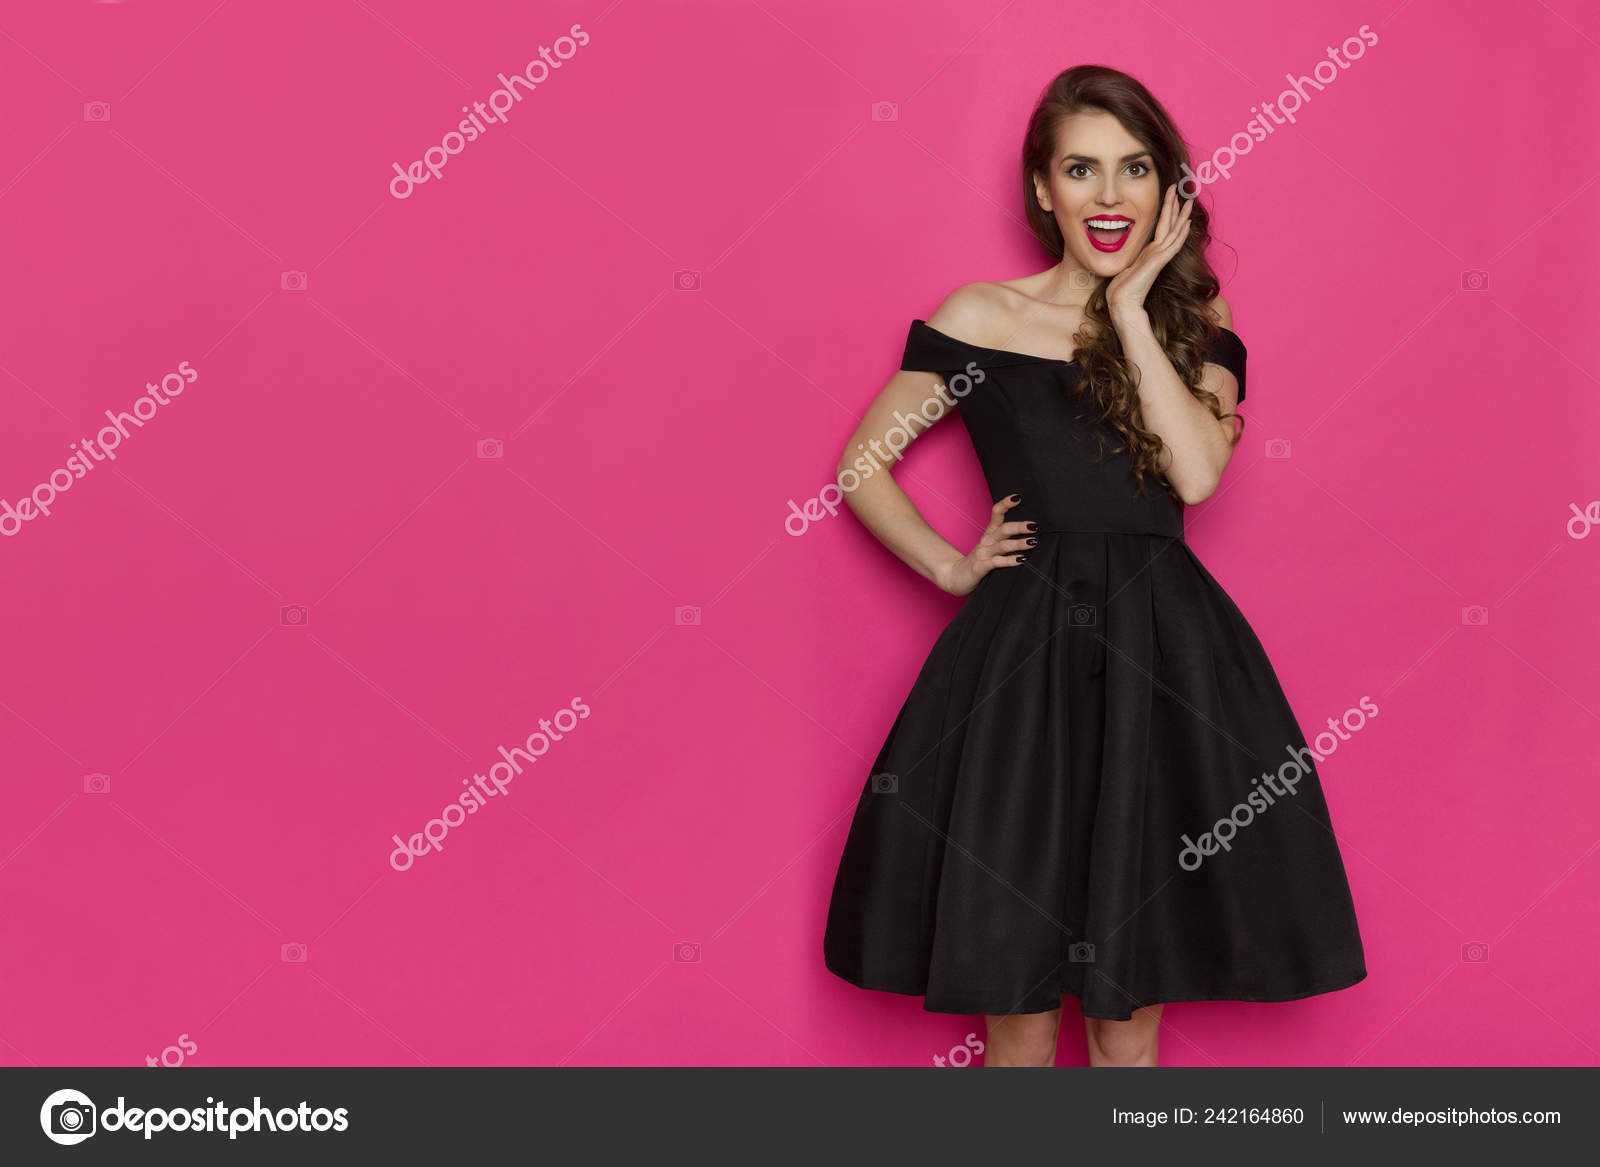 59c8adce961 Surpris belle jeune femme en robe de cocktail noire élégante est maintenant  la main sur hin